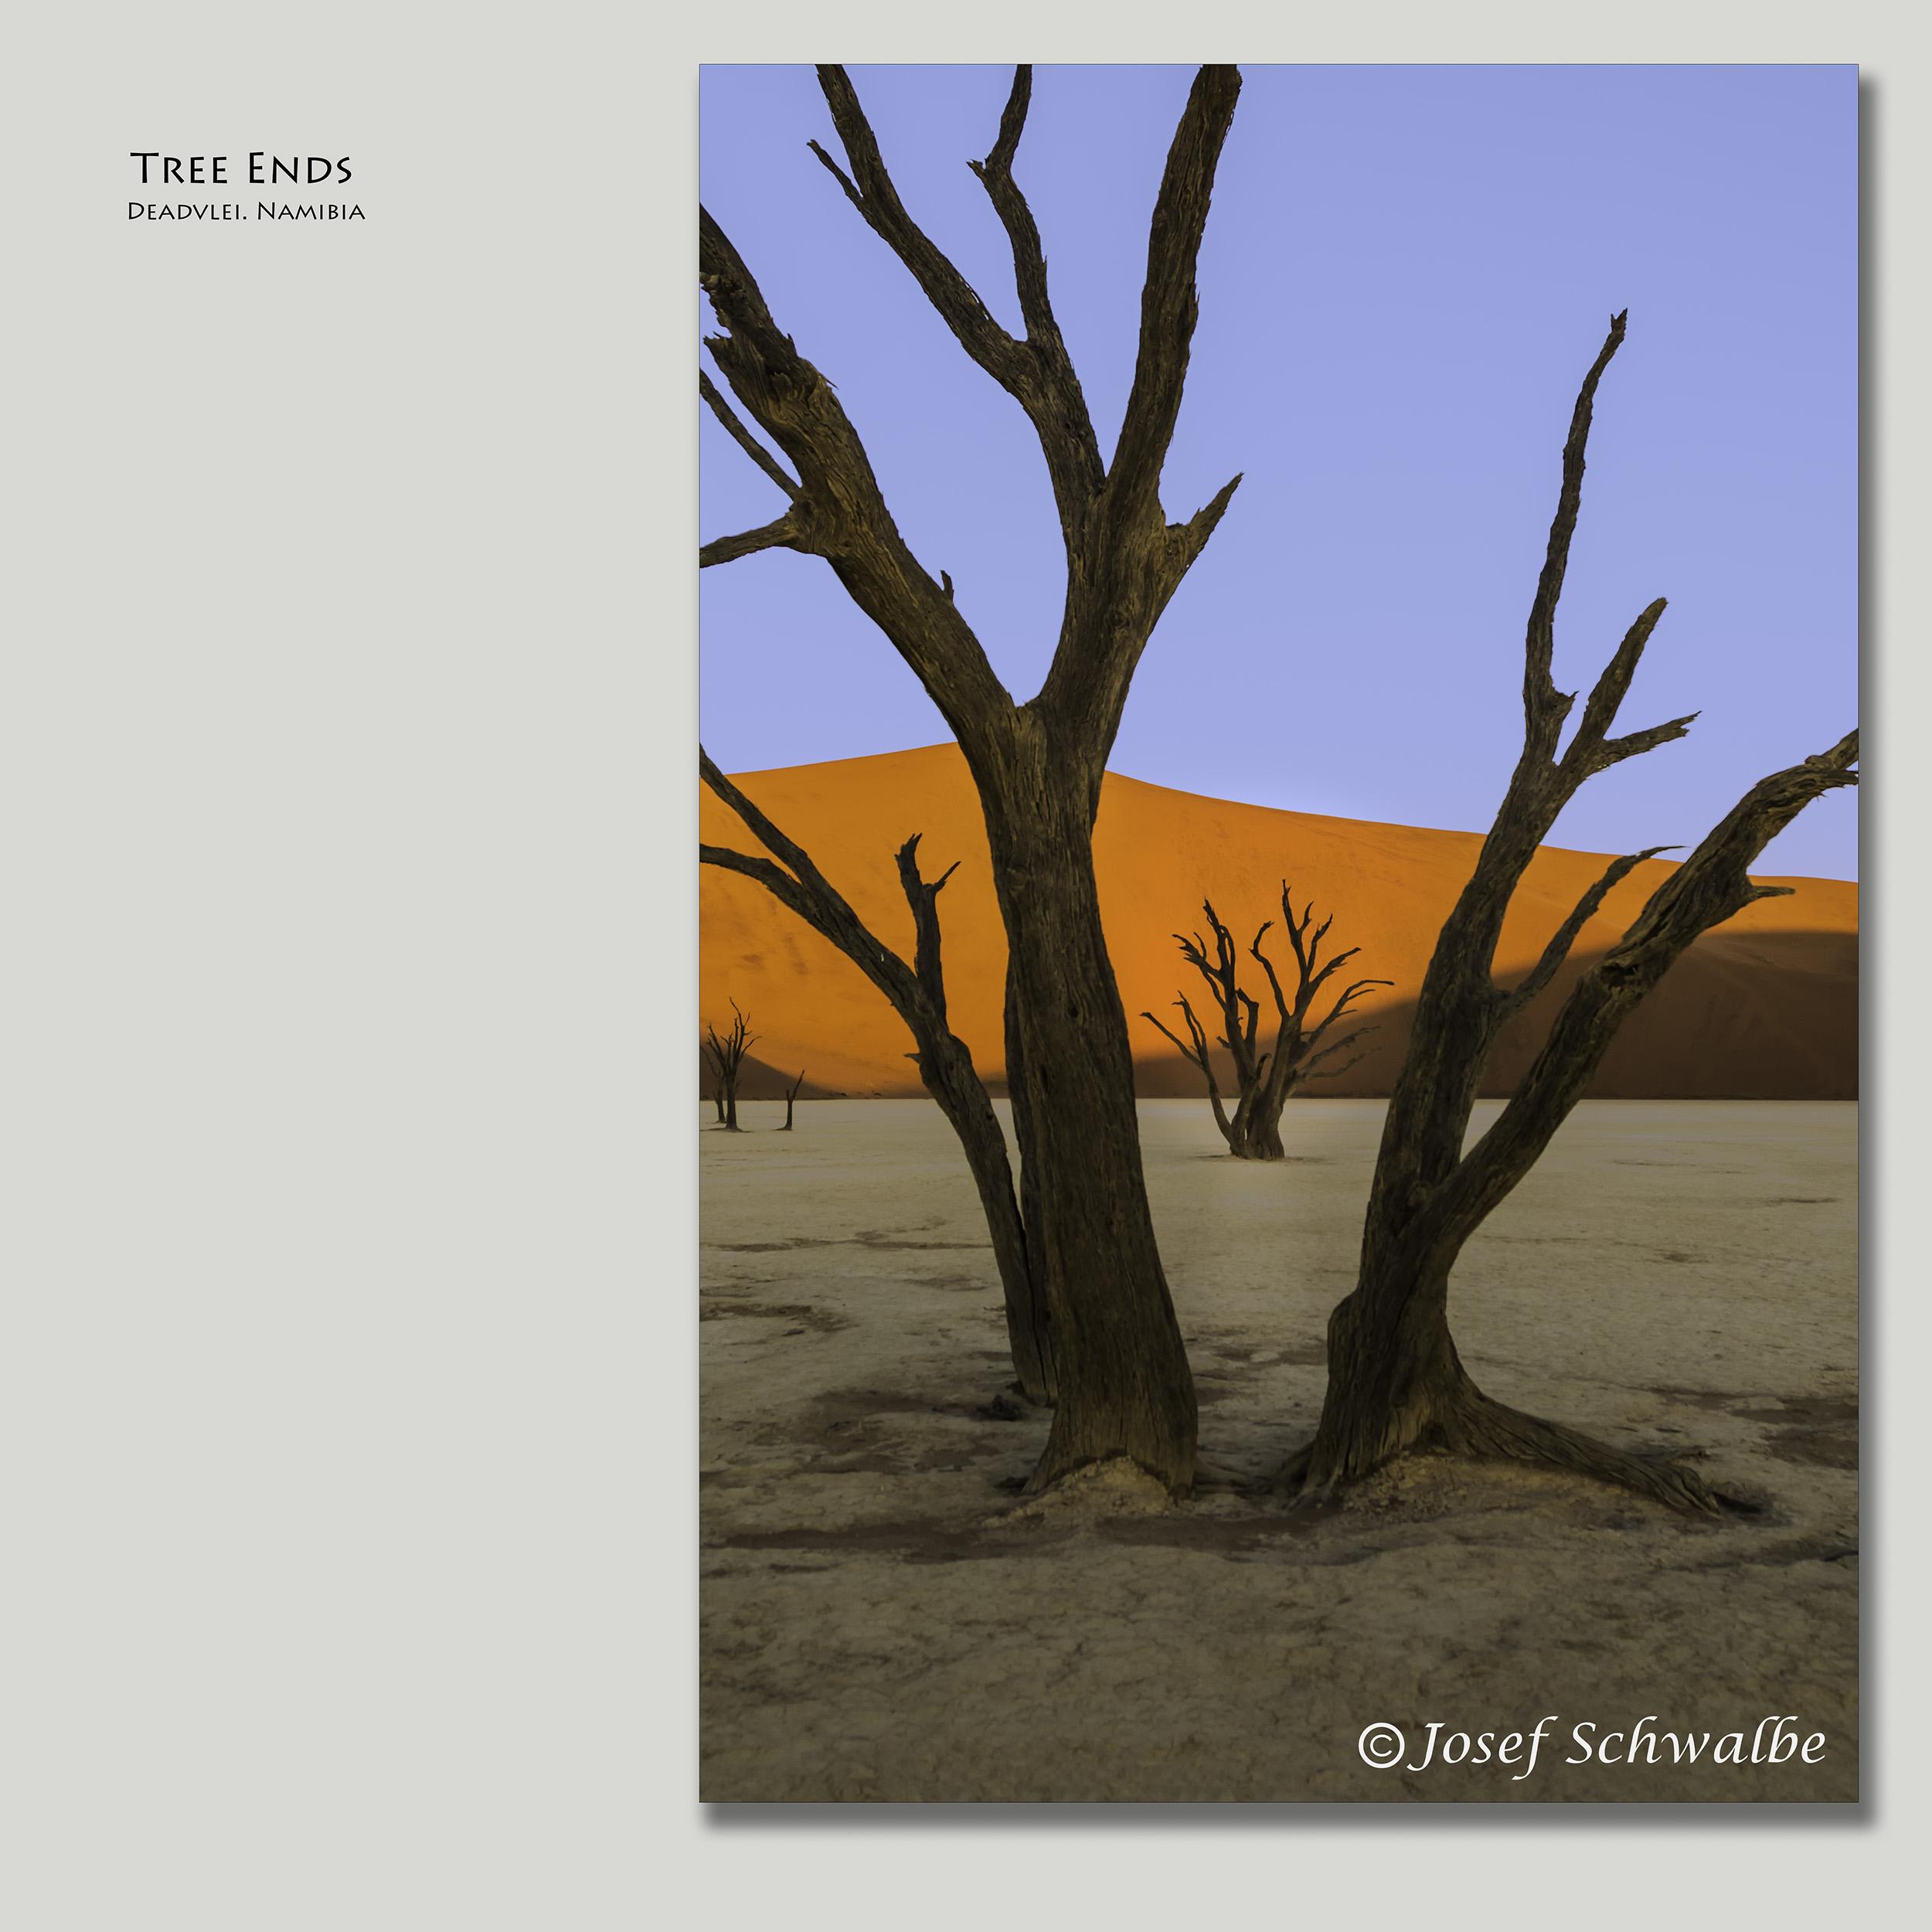 TreeEnds.jpg